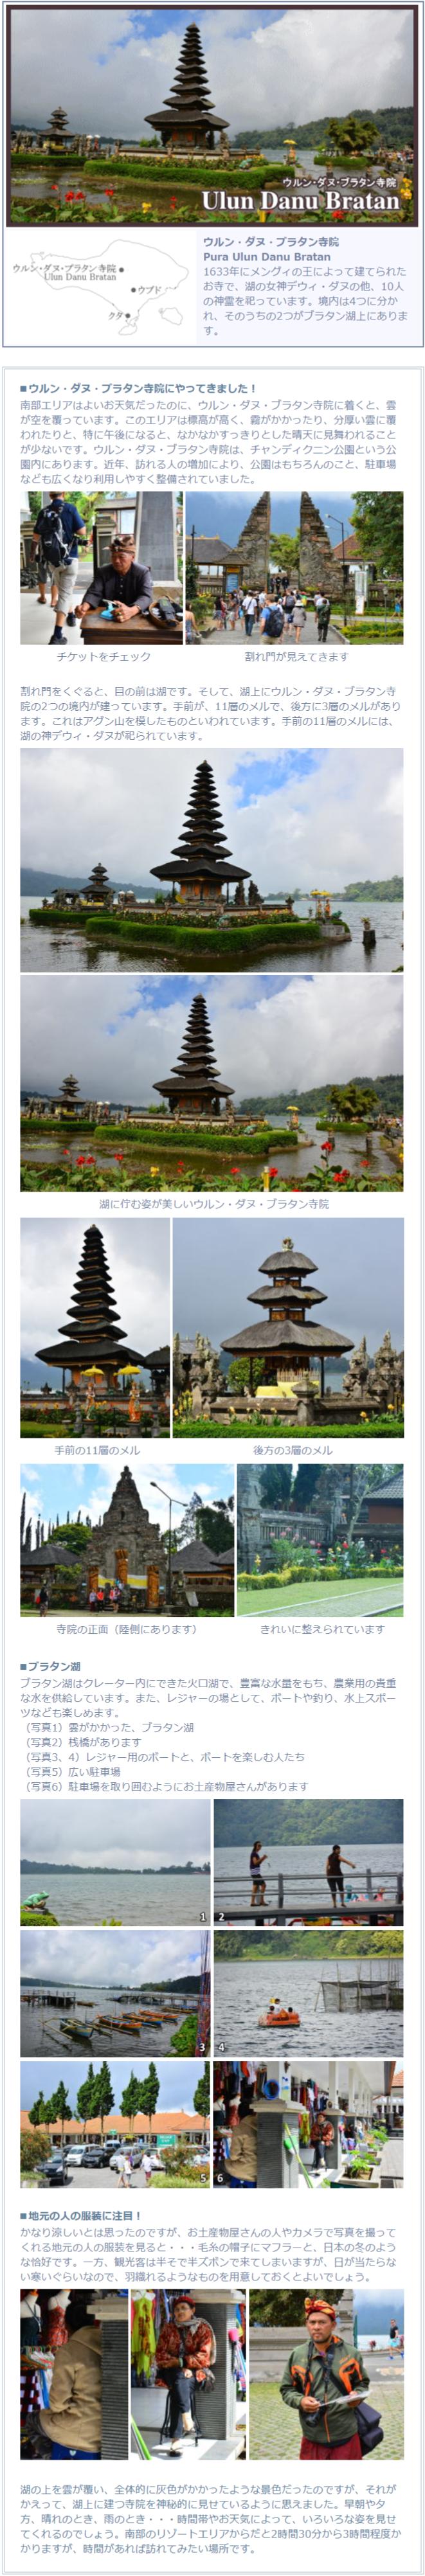 ウルン・ダヌ・ブラタン寺院の説明